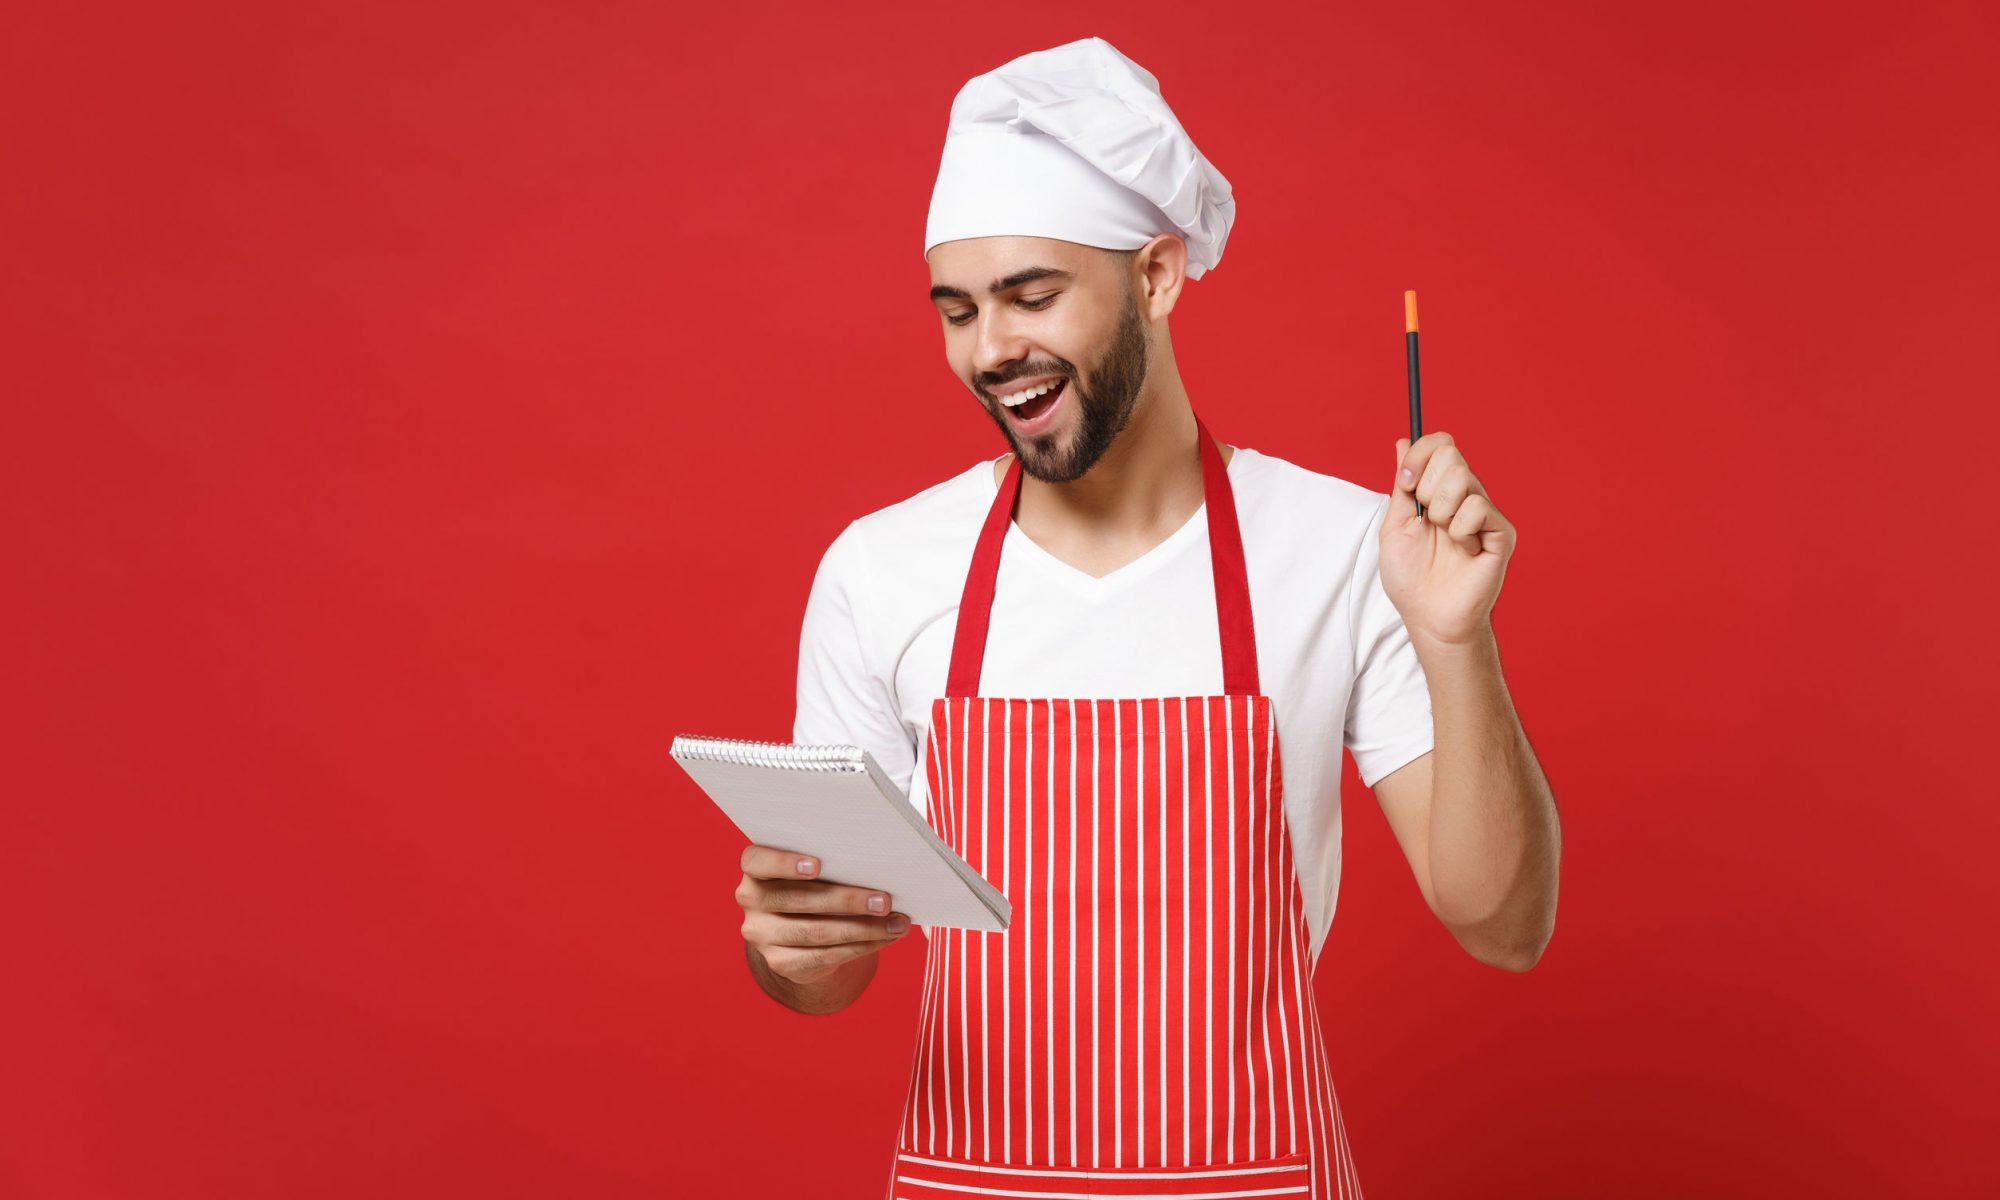 Самые странные кулинарные рекорды